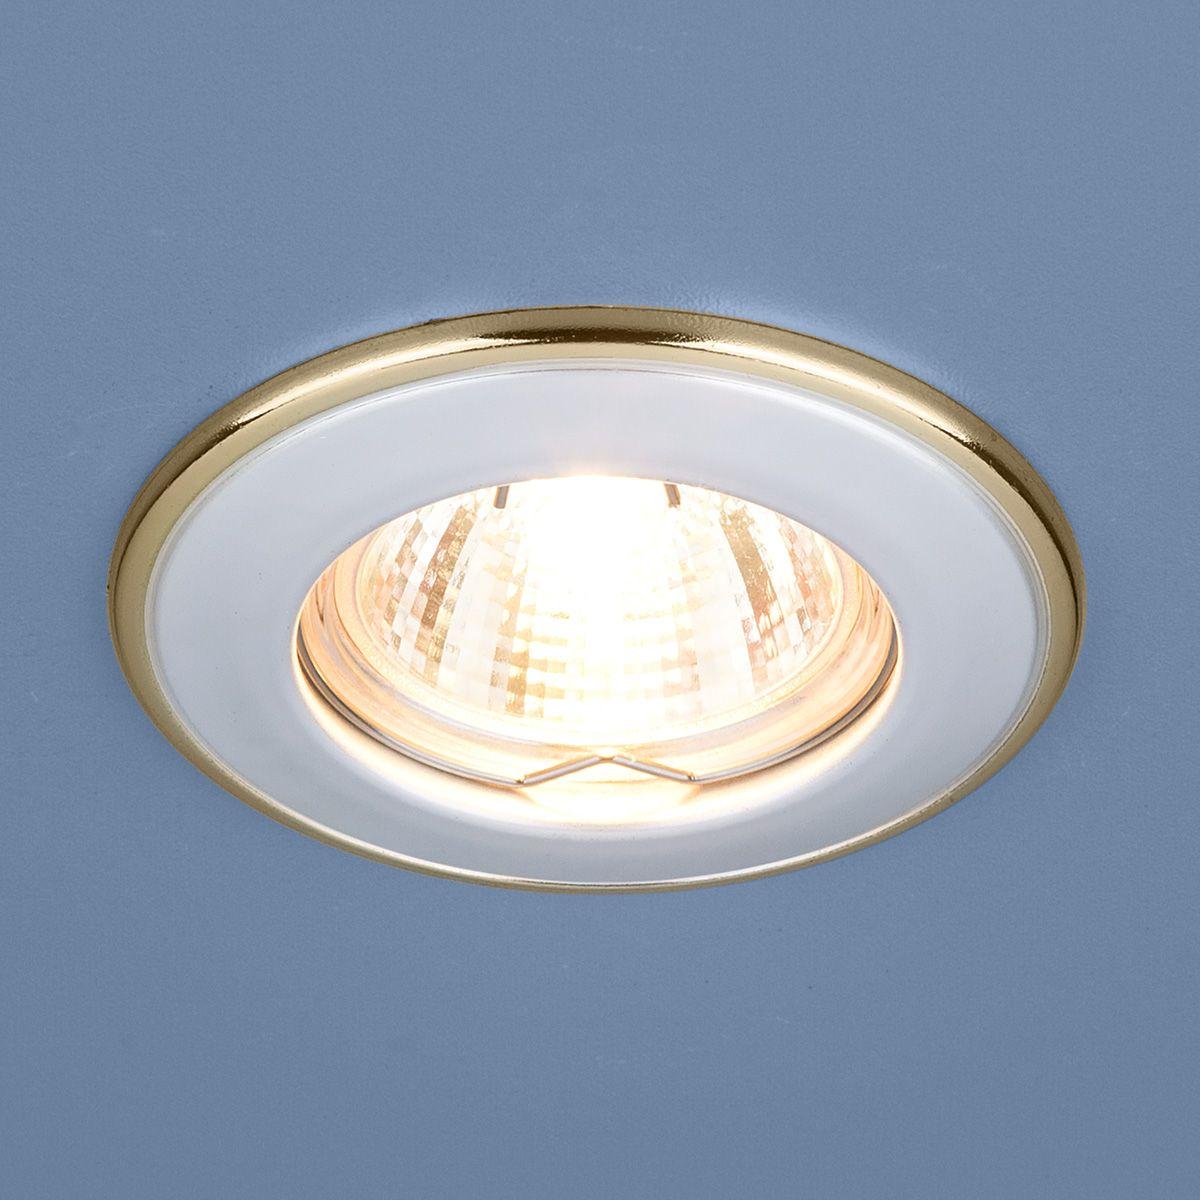 Встраиваемый точечный светильник 7002 MR16 WH/GD белый/золото